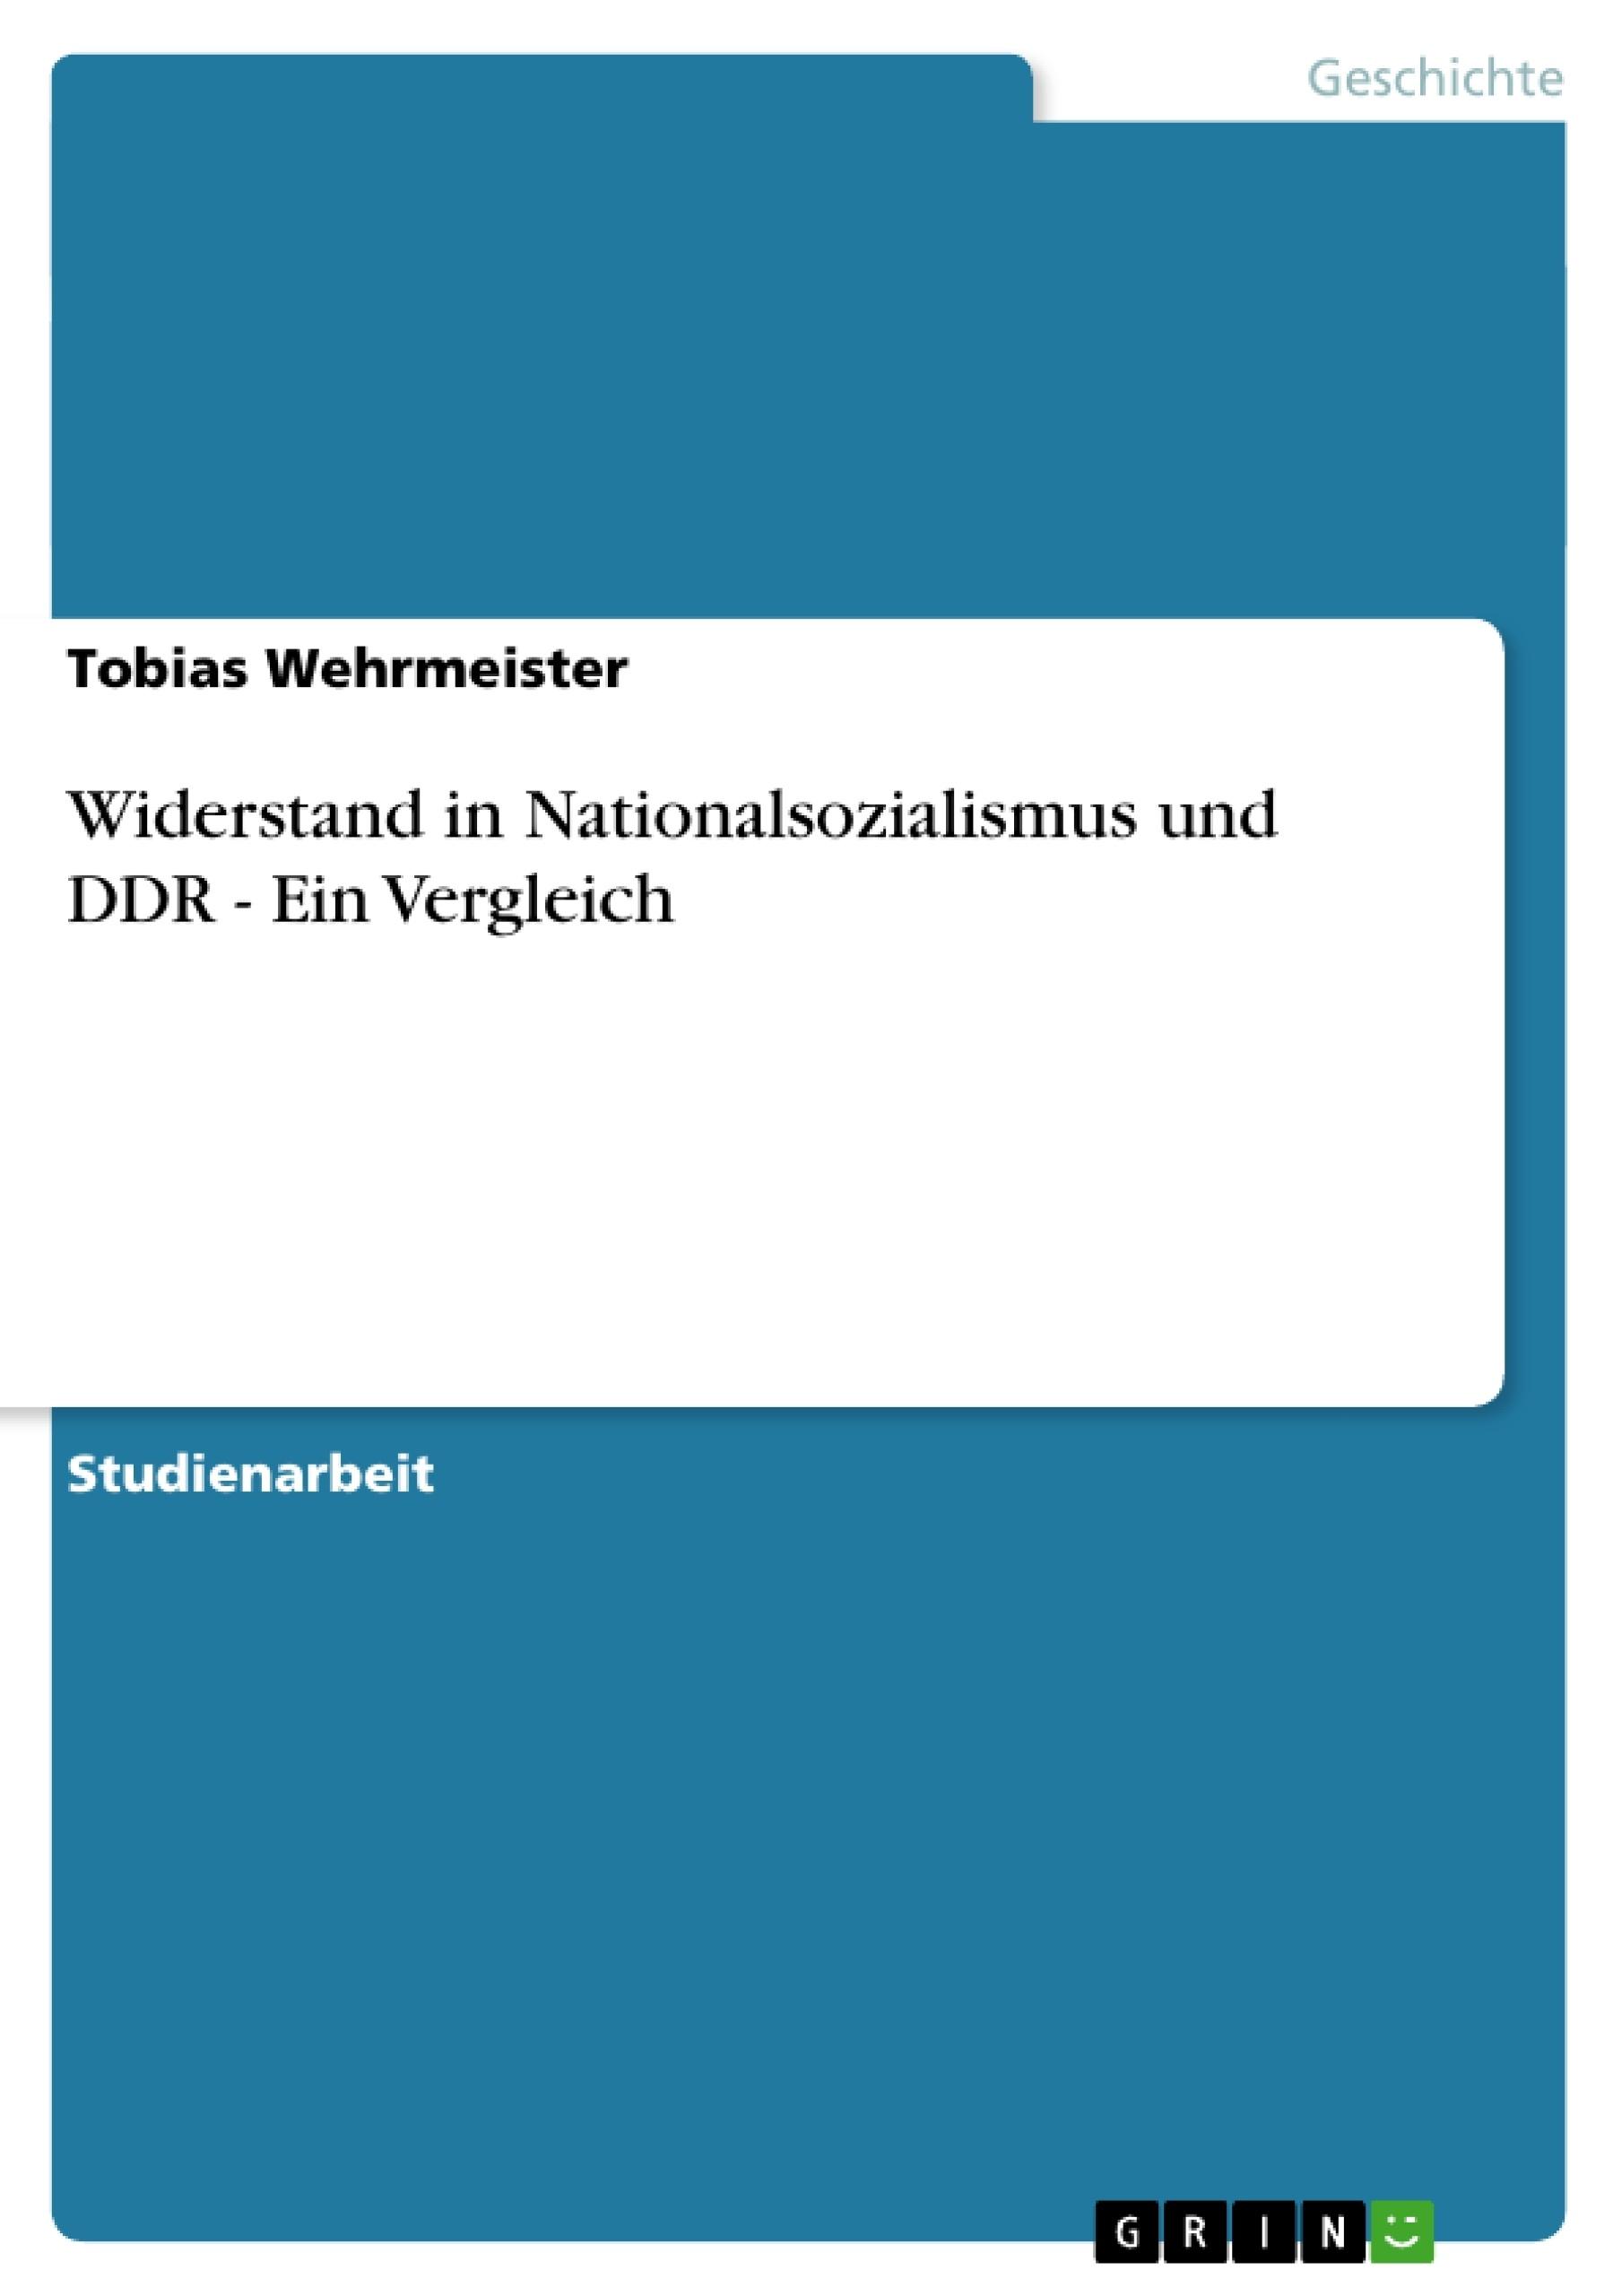 Titel: Widerstand in Nationalsozialismus und DDR - Ein Vergleich